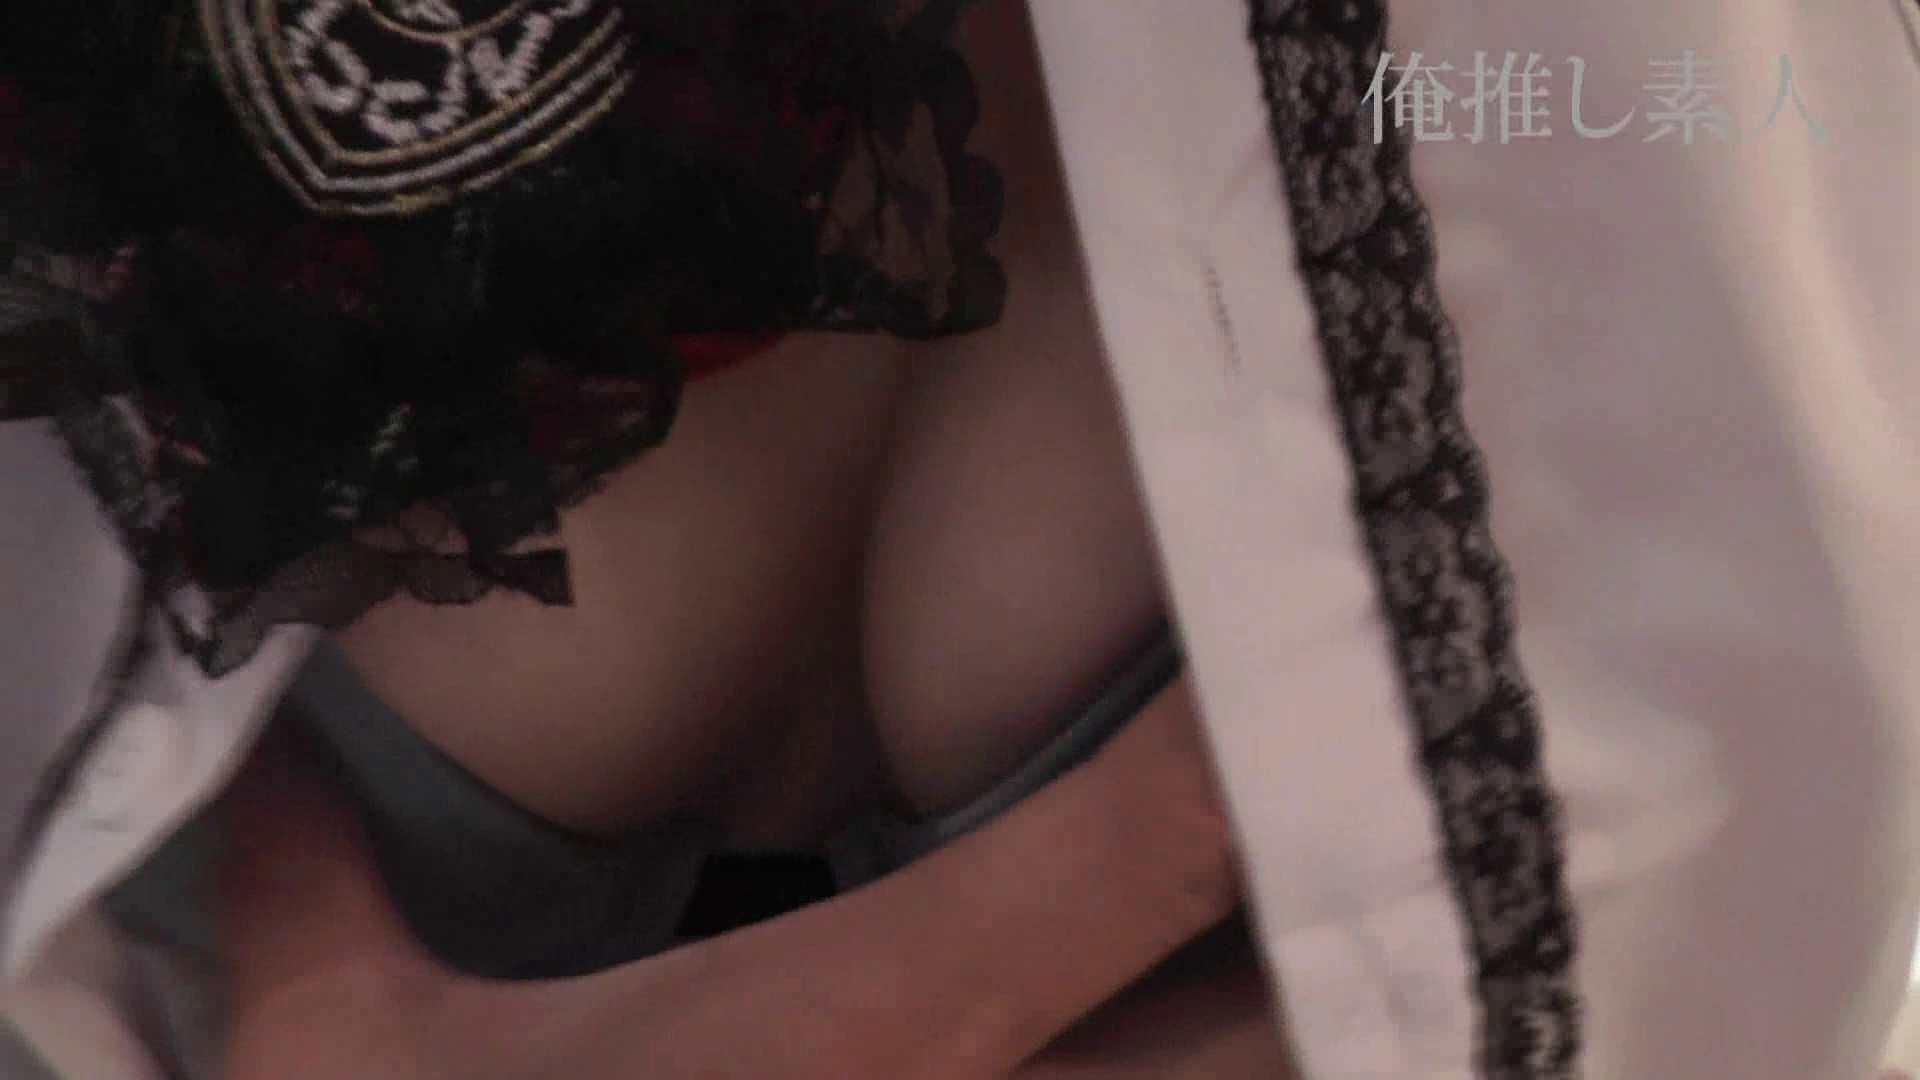 俺推し素人 EカップシングルマザーOL30歳瑤子vol3 OLの裸事情 オマンコ無修正動画無料 97枚 52